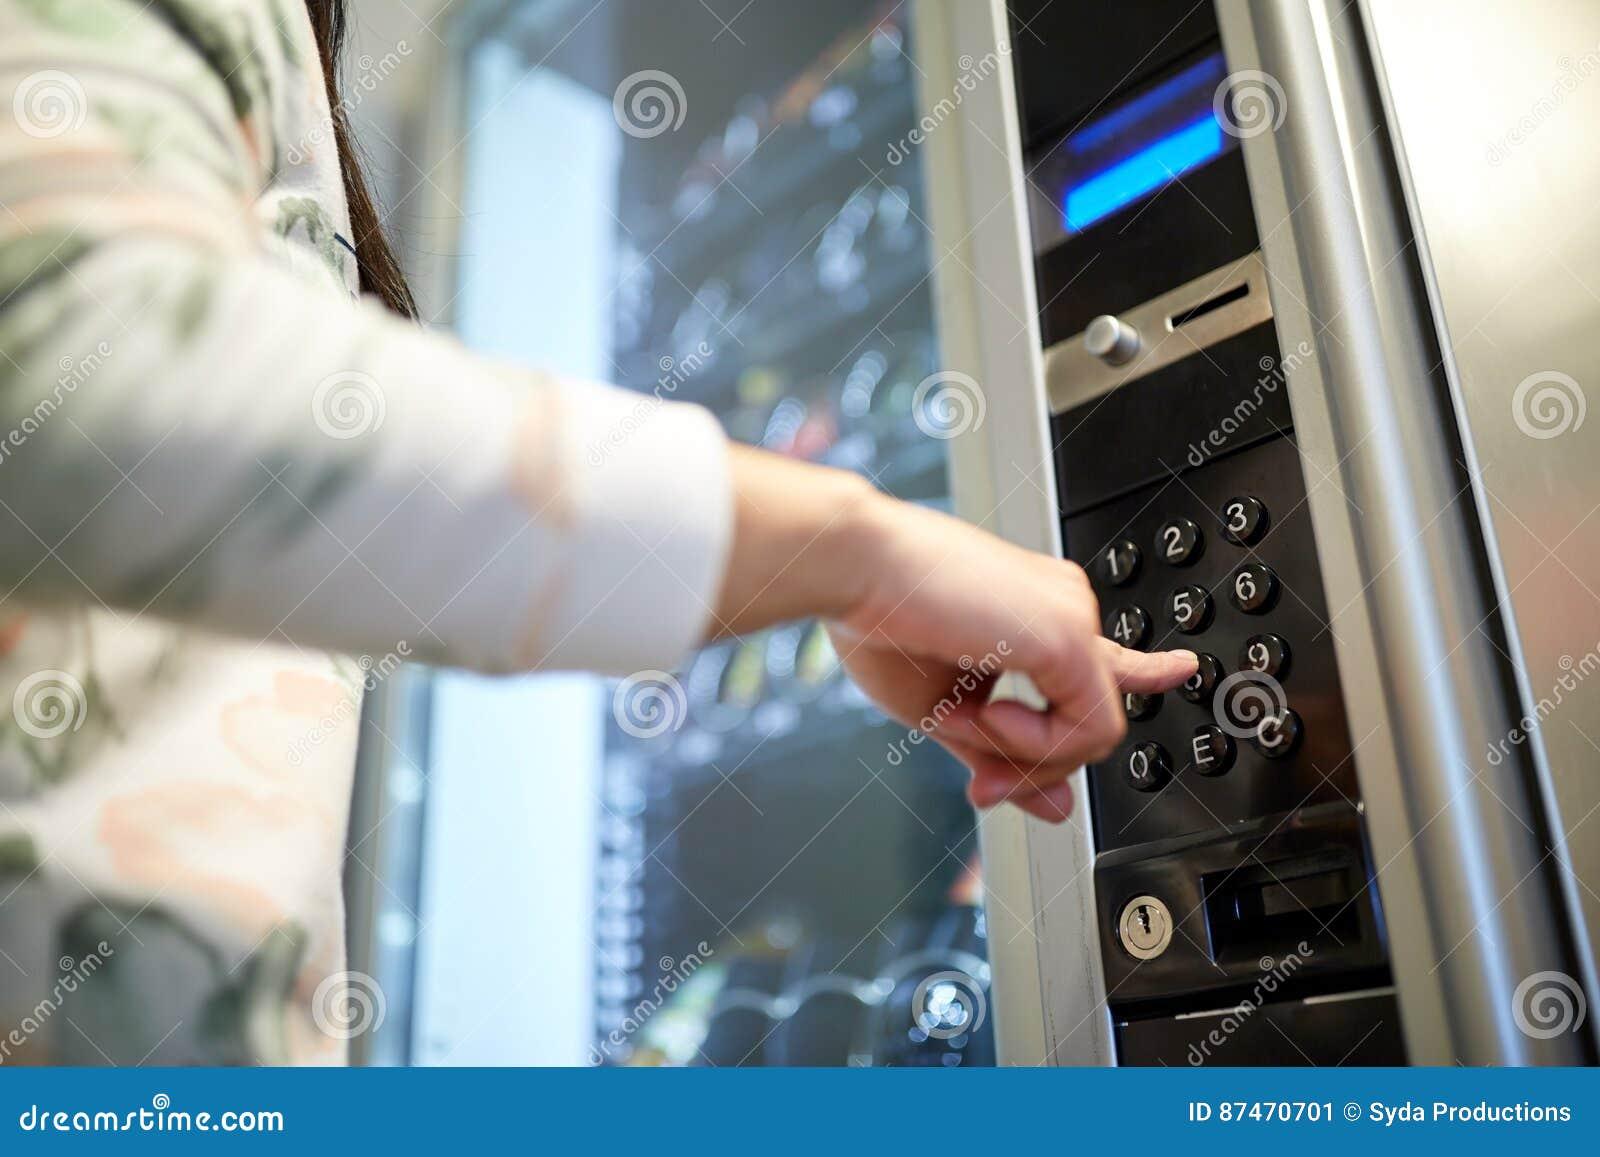 Empujar el botón manualmente en el teclado de la máquina expendedora